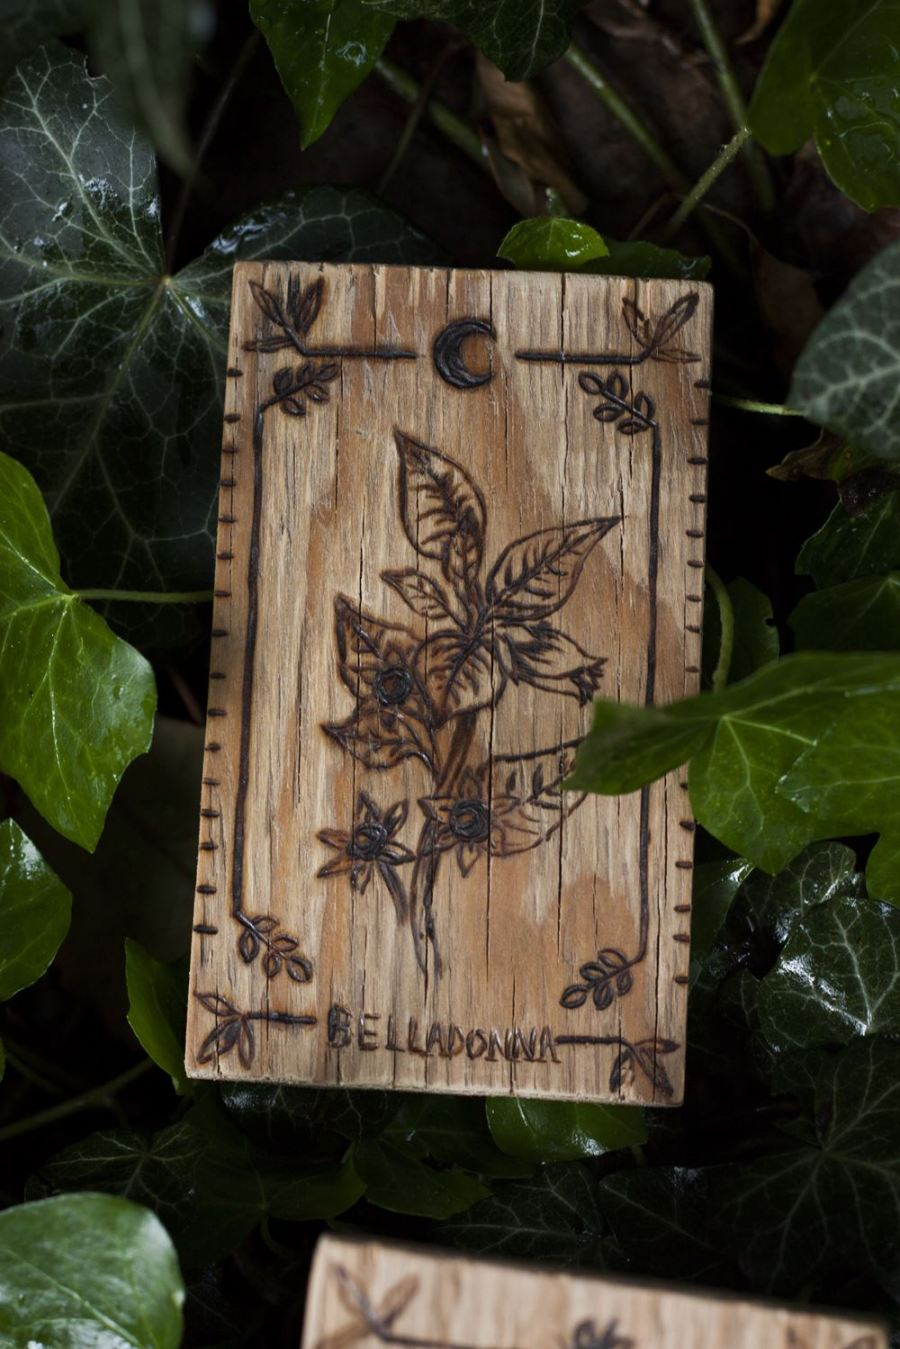 Décoration carte de tarot en bois inspirée des gravures anciennes botaniques de plantes, naturalisme, belladone, upcyclé, par l'atelier de la Lettre aux ours - Missive to Bears, artisanat écologique et français en Normandie